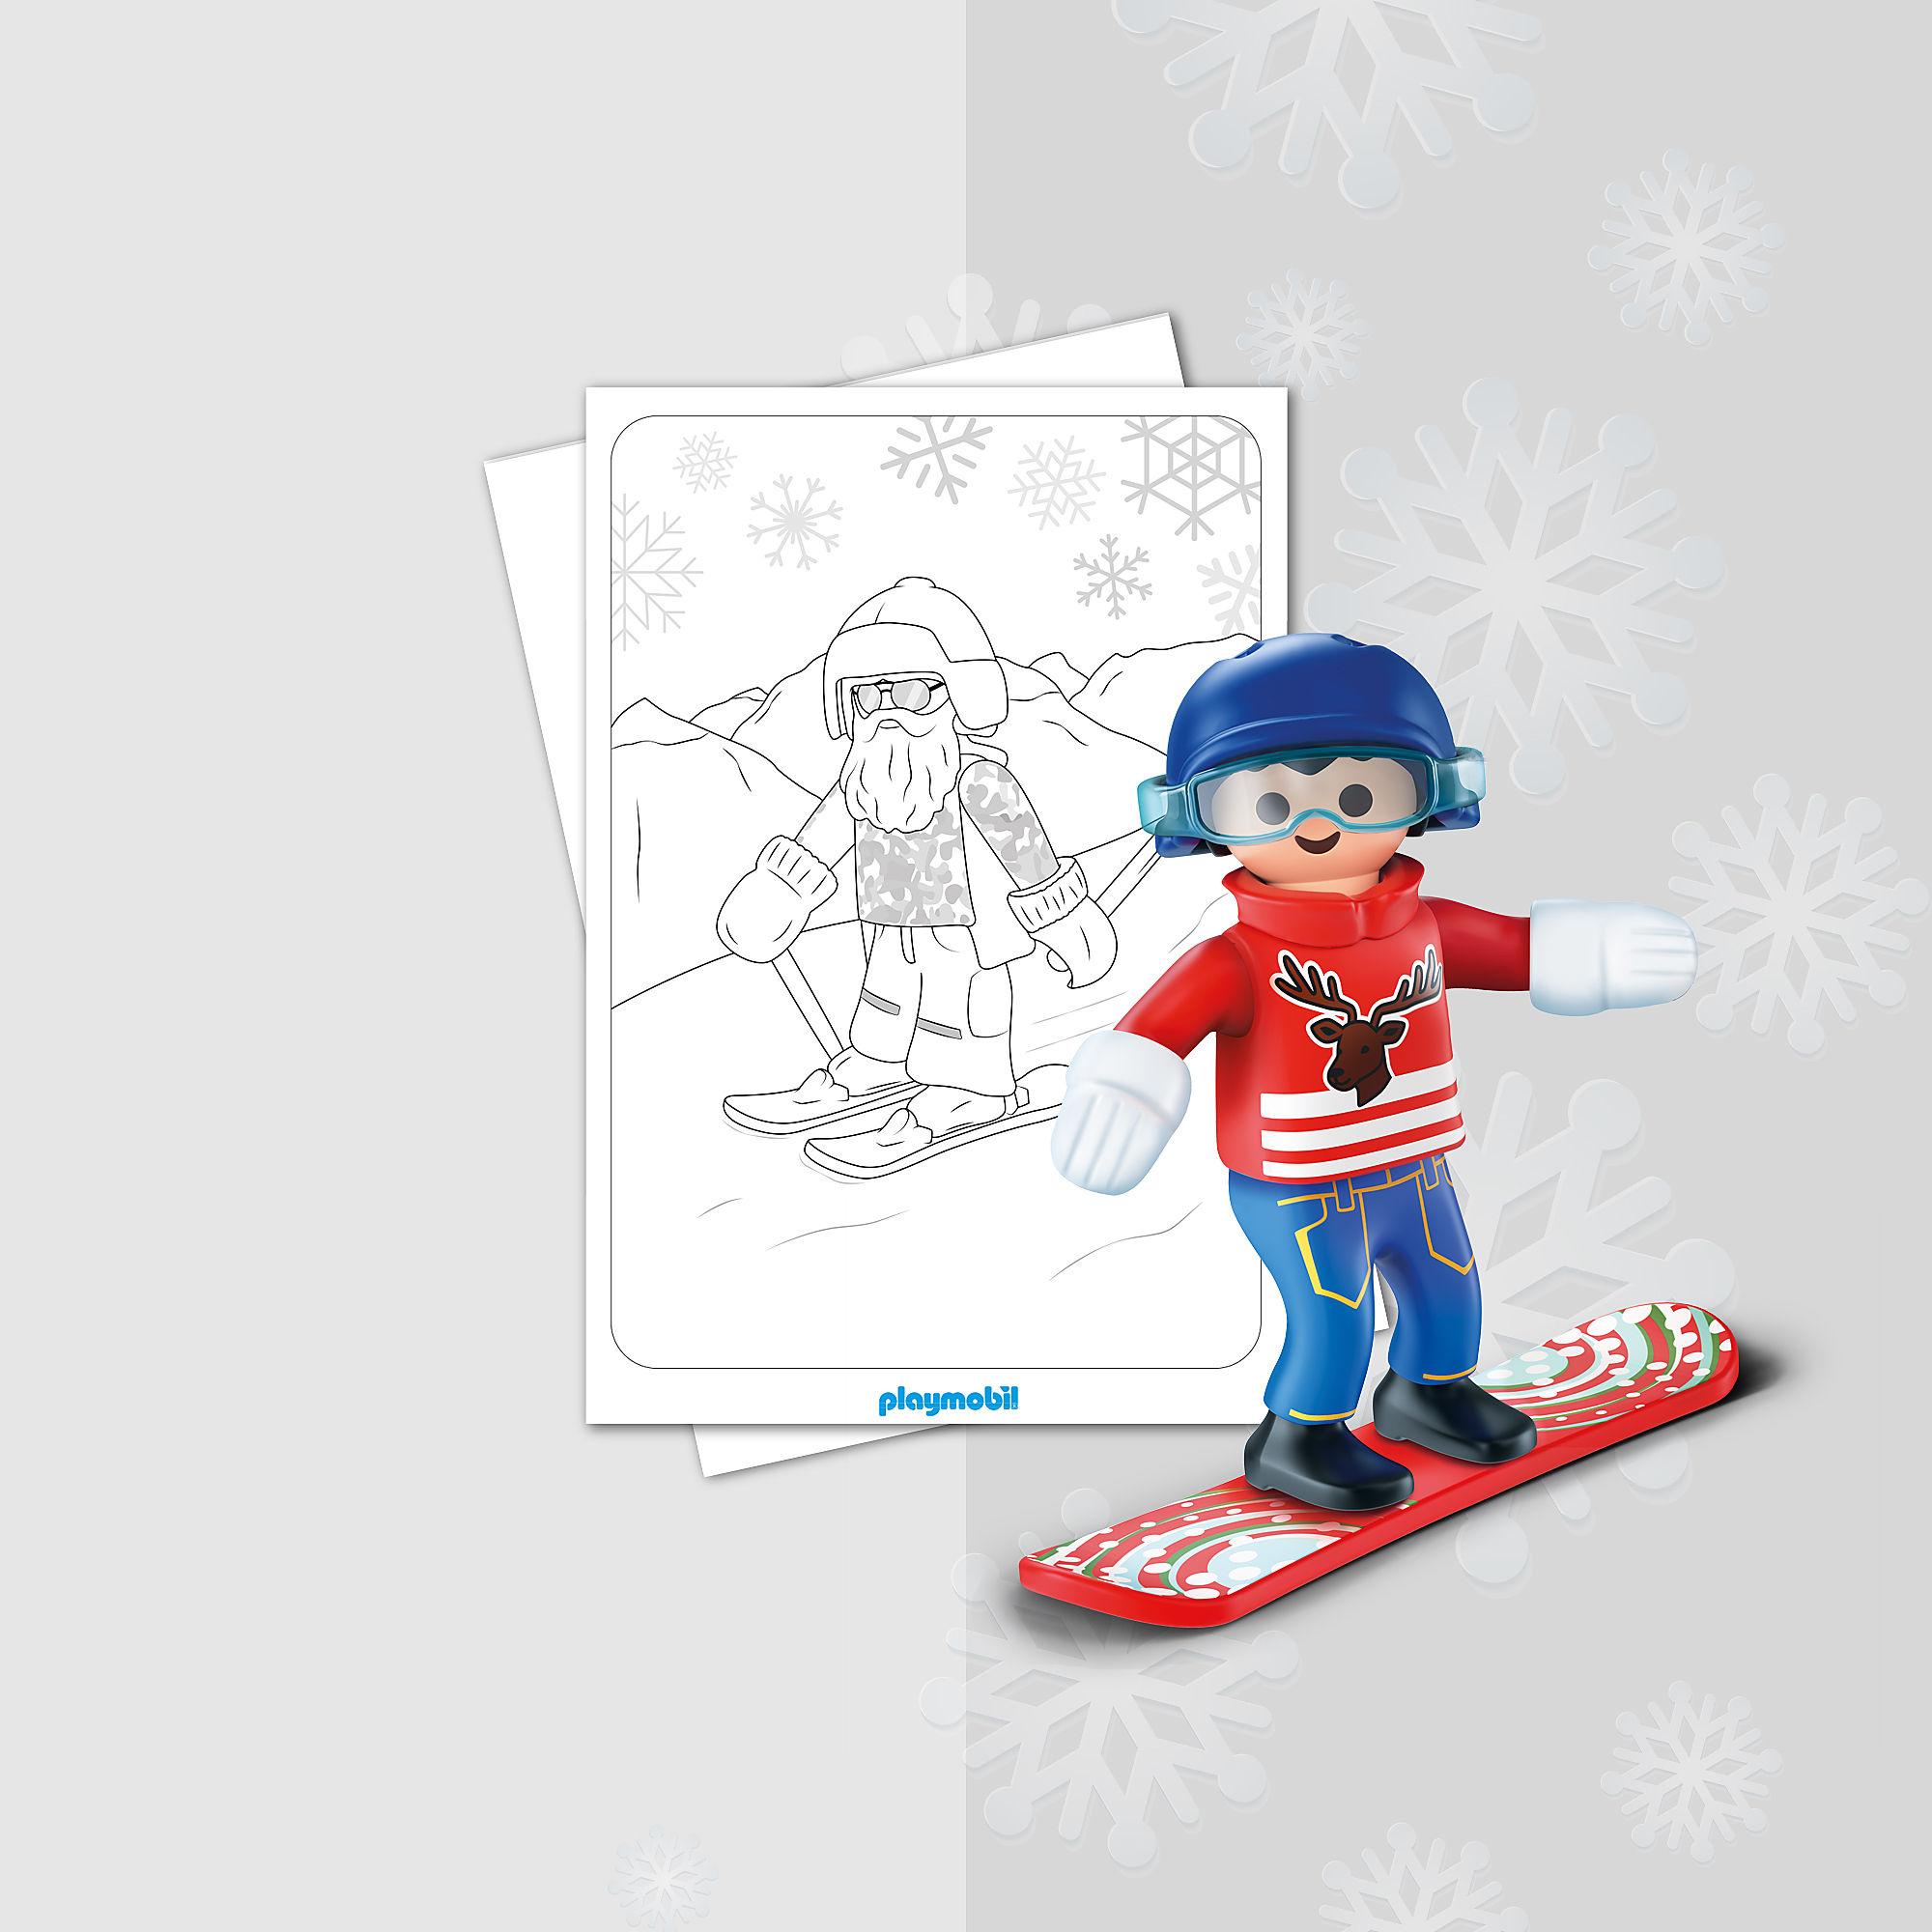 malblatt  playmobil wintersport